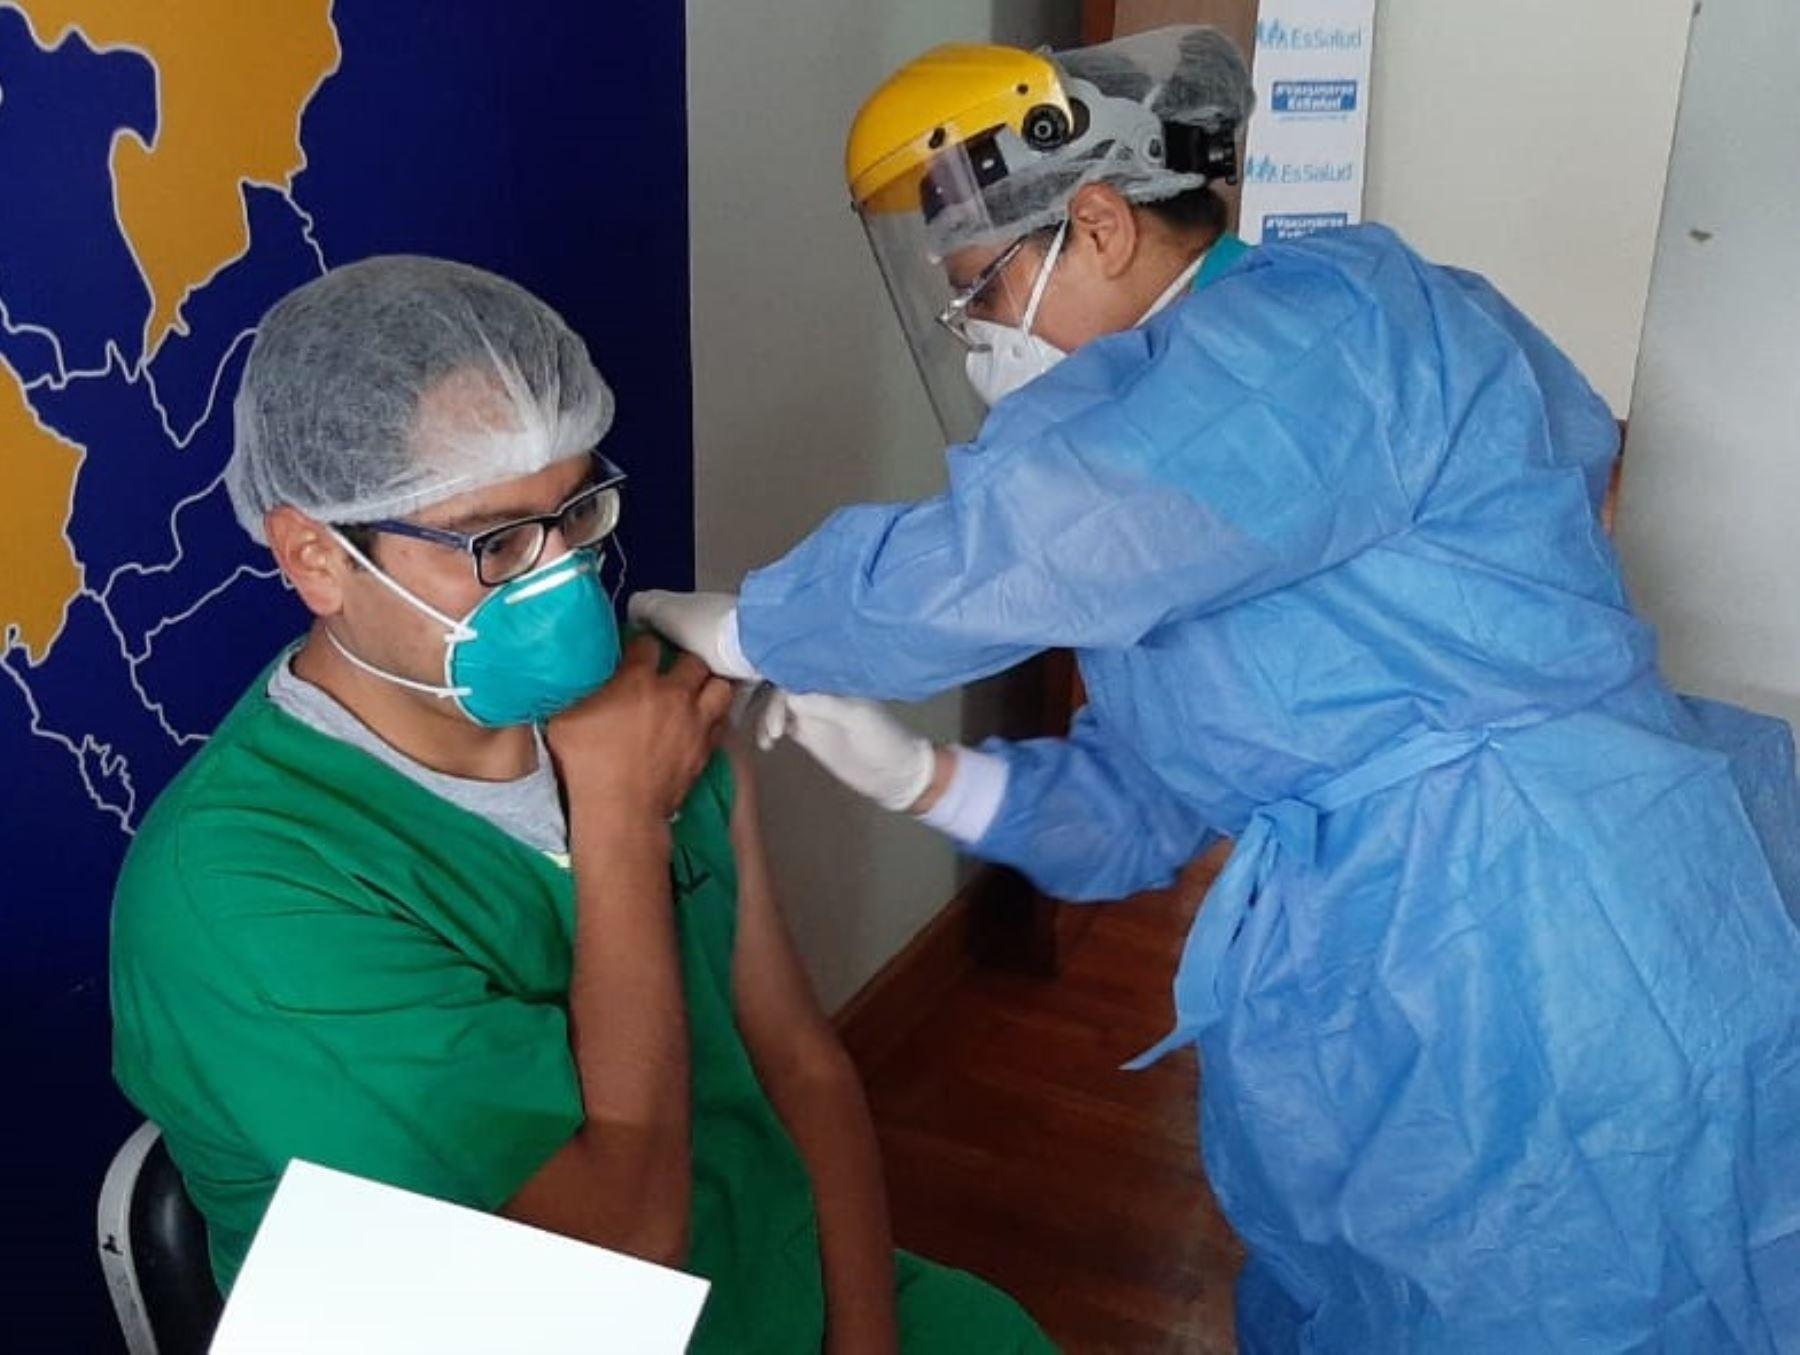 cusco-mas-de-4500-trabajadores-de-la-salud-ya-fueron-vacunados-contra-la-covid-19